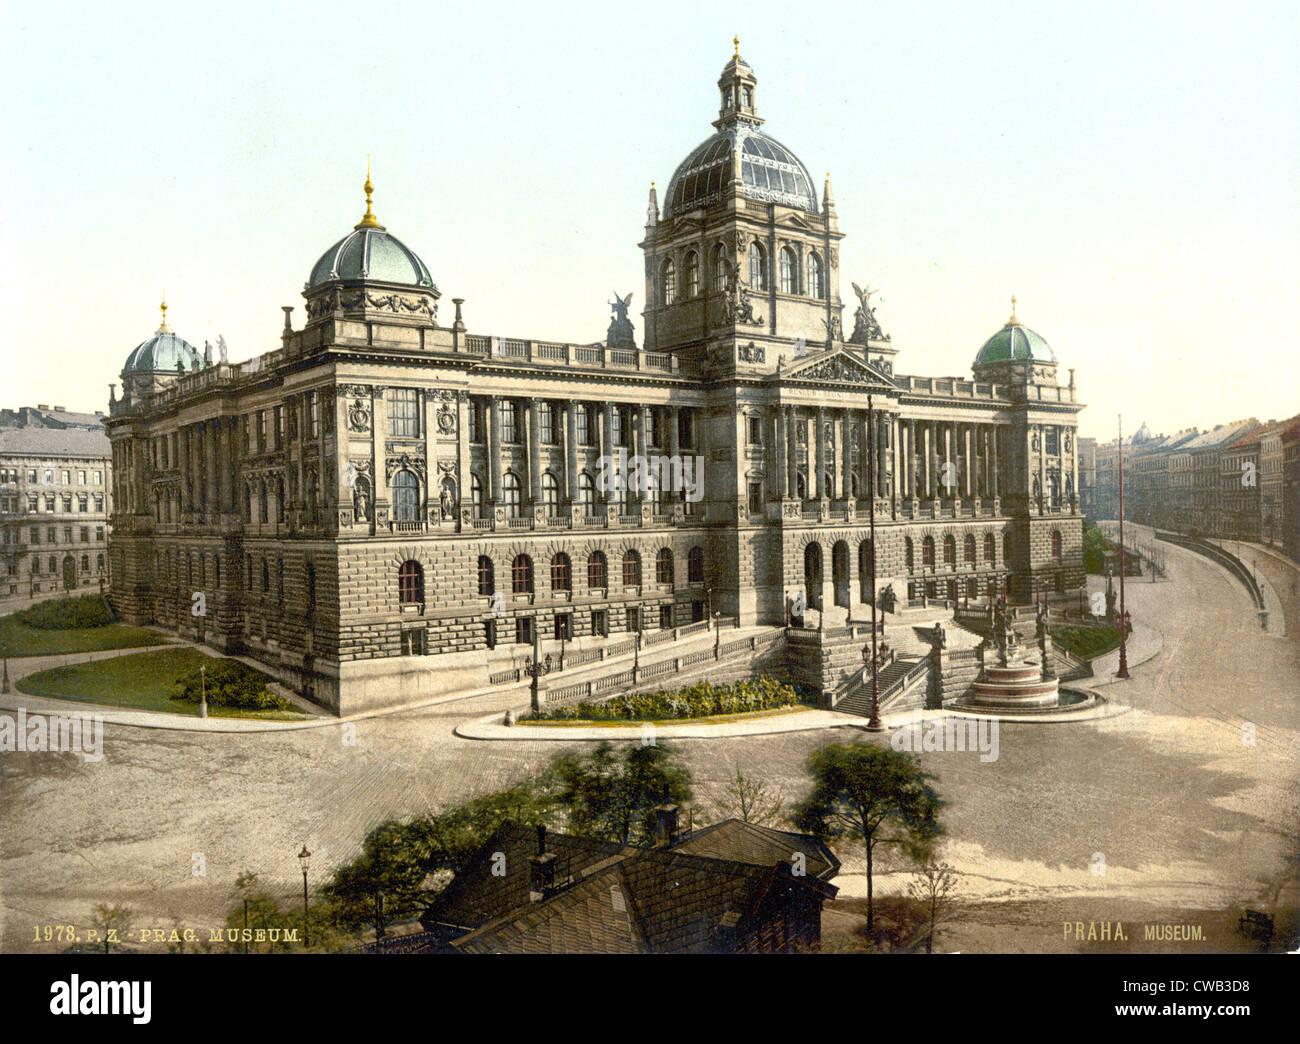 Prague, Museum, Bohemia, Austro-Hungary, photochrom, circa 1900. - Stock Image